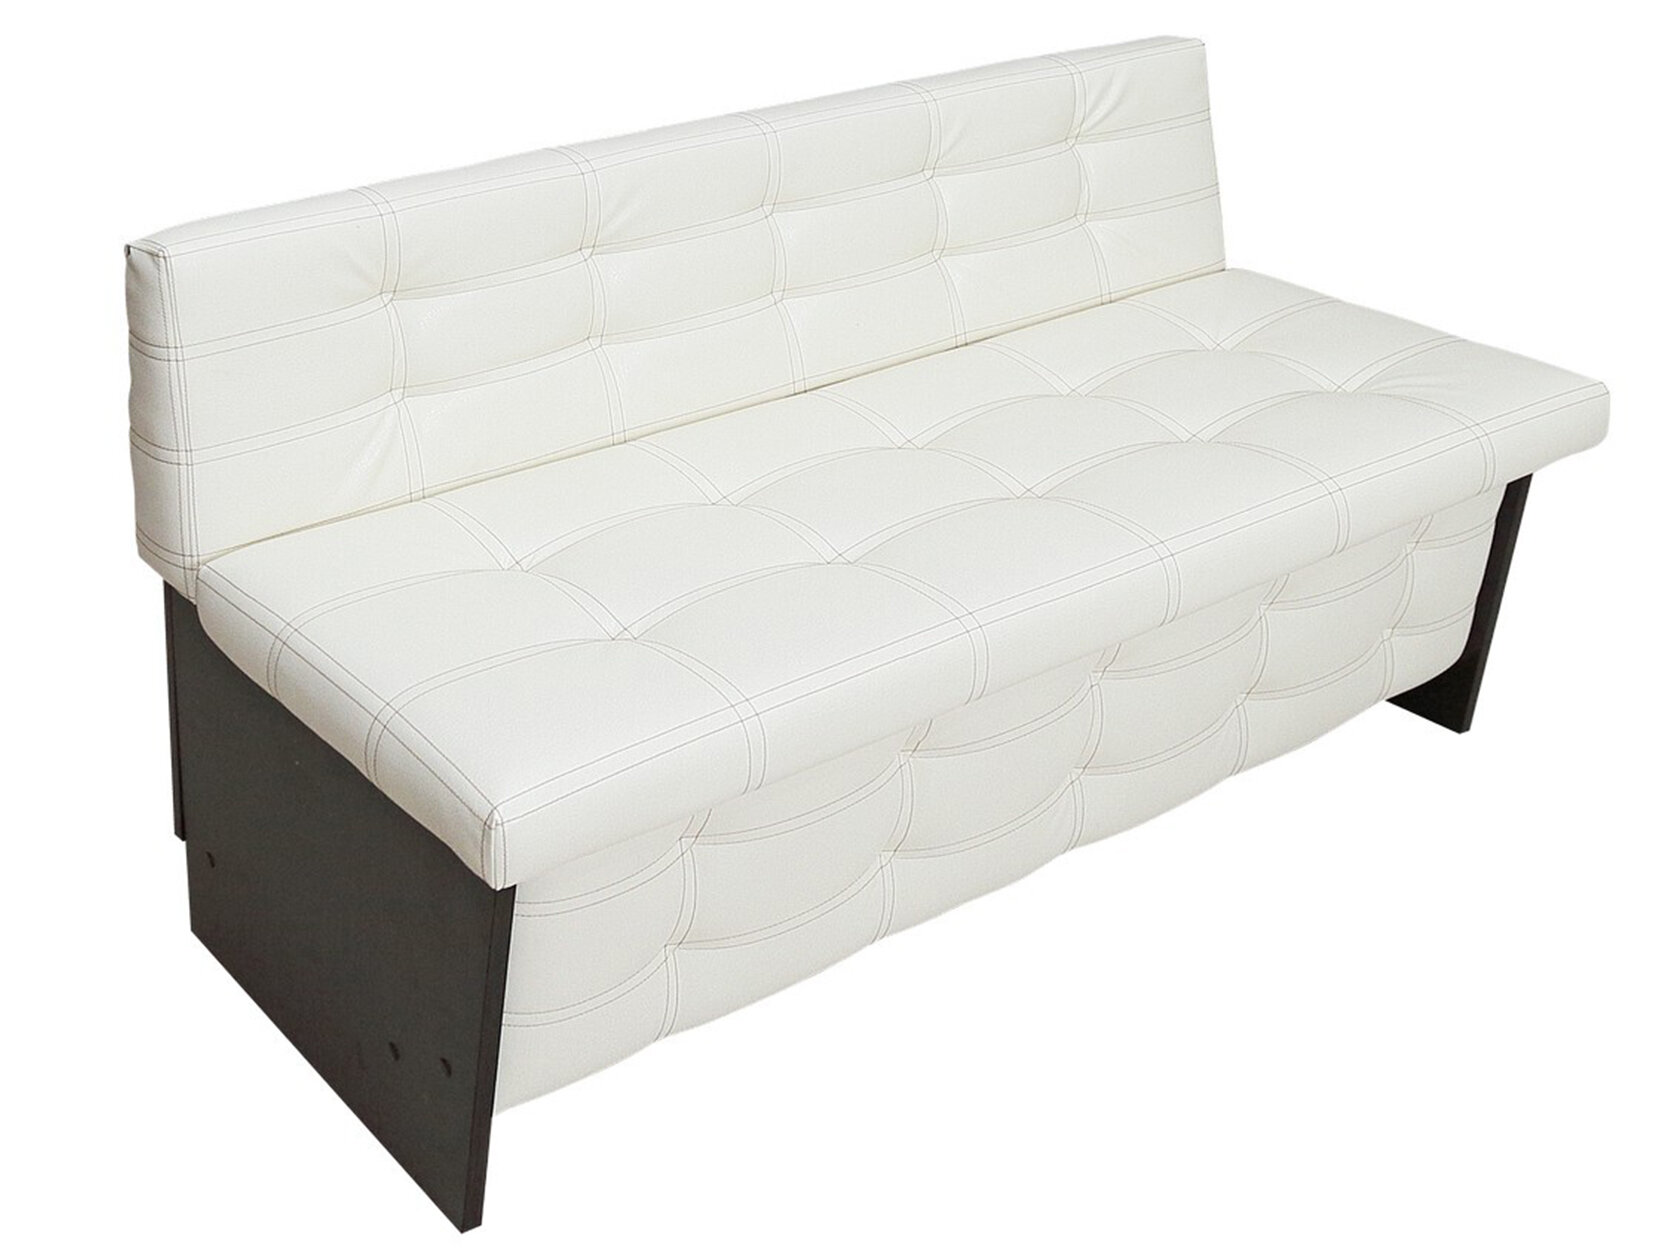 Кухонный диван BTS Кухонный диван Милан Белый ,1200 мм